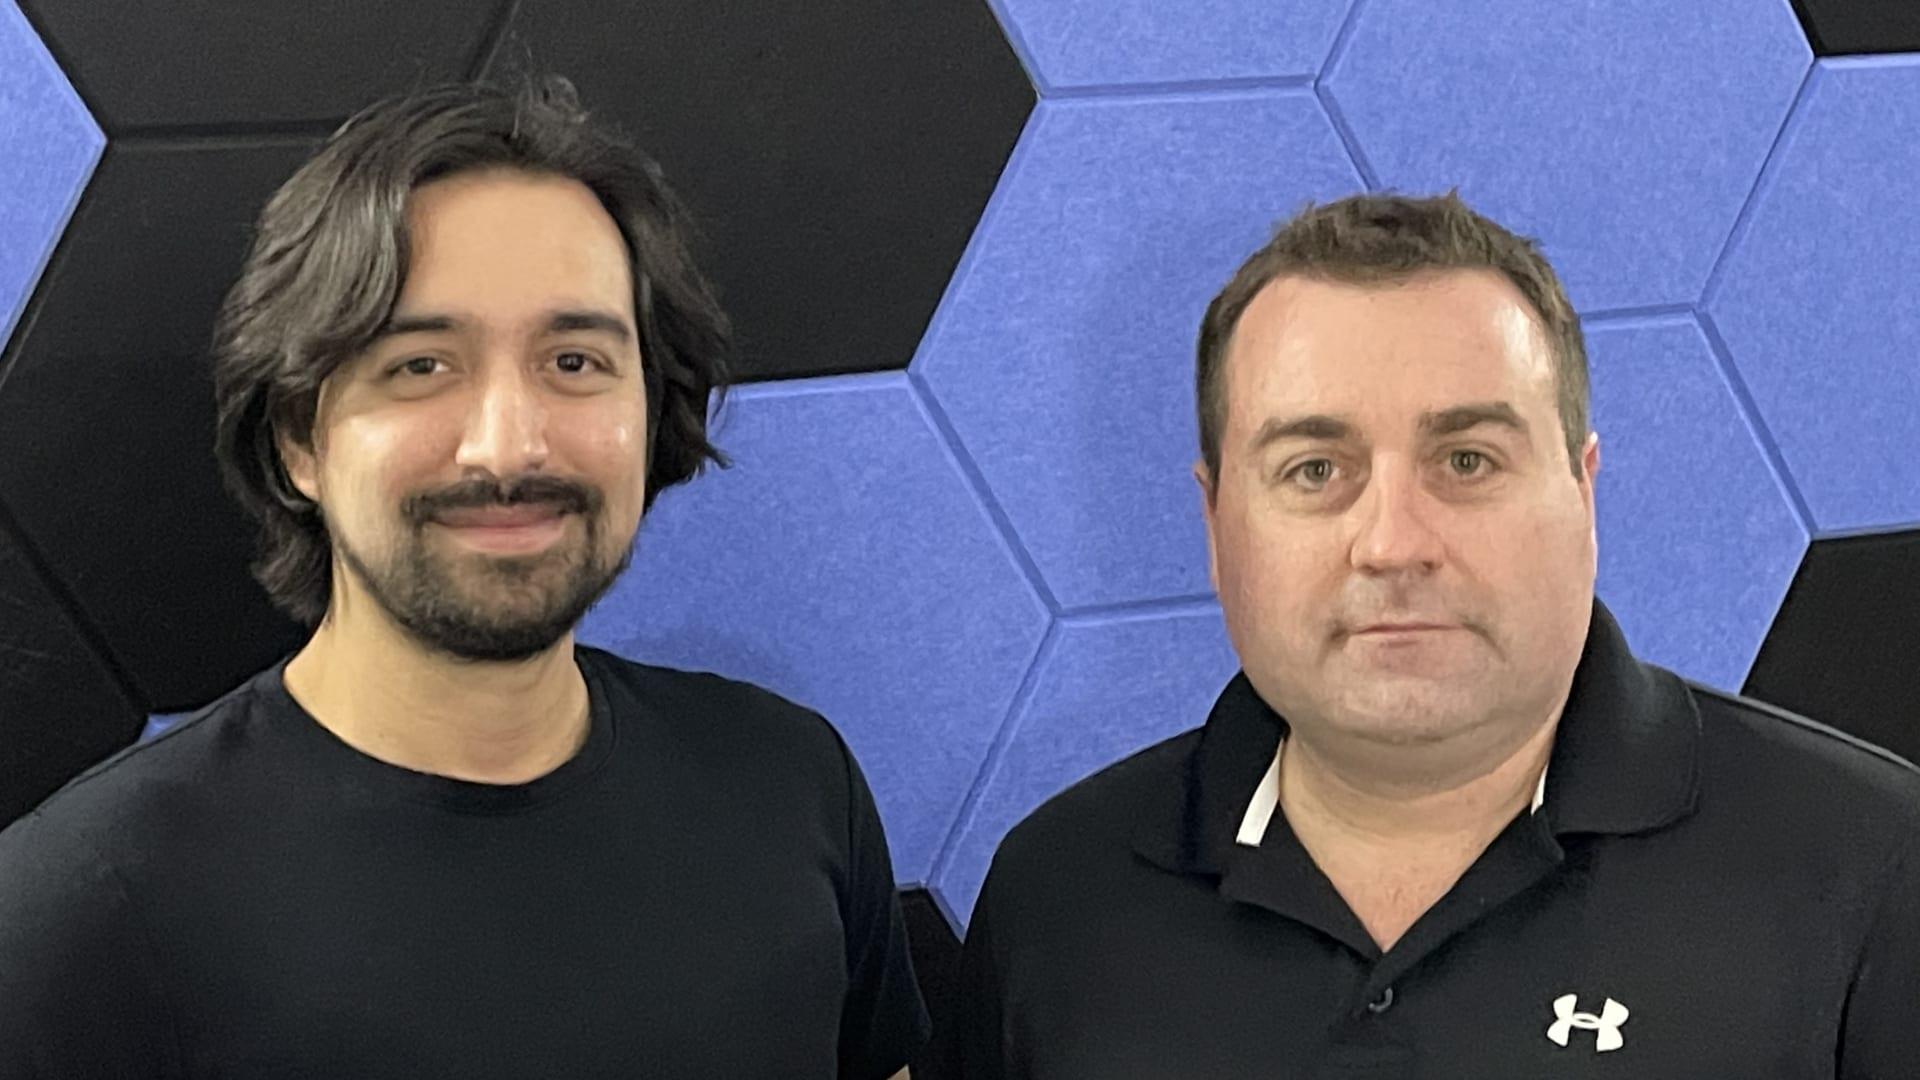 Dennis Plunkett(left) and Chris Gardner (right)